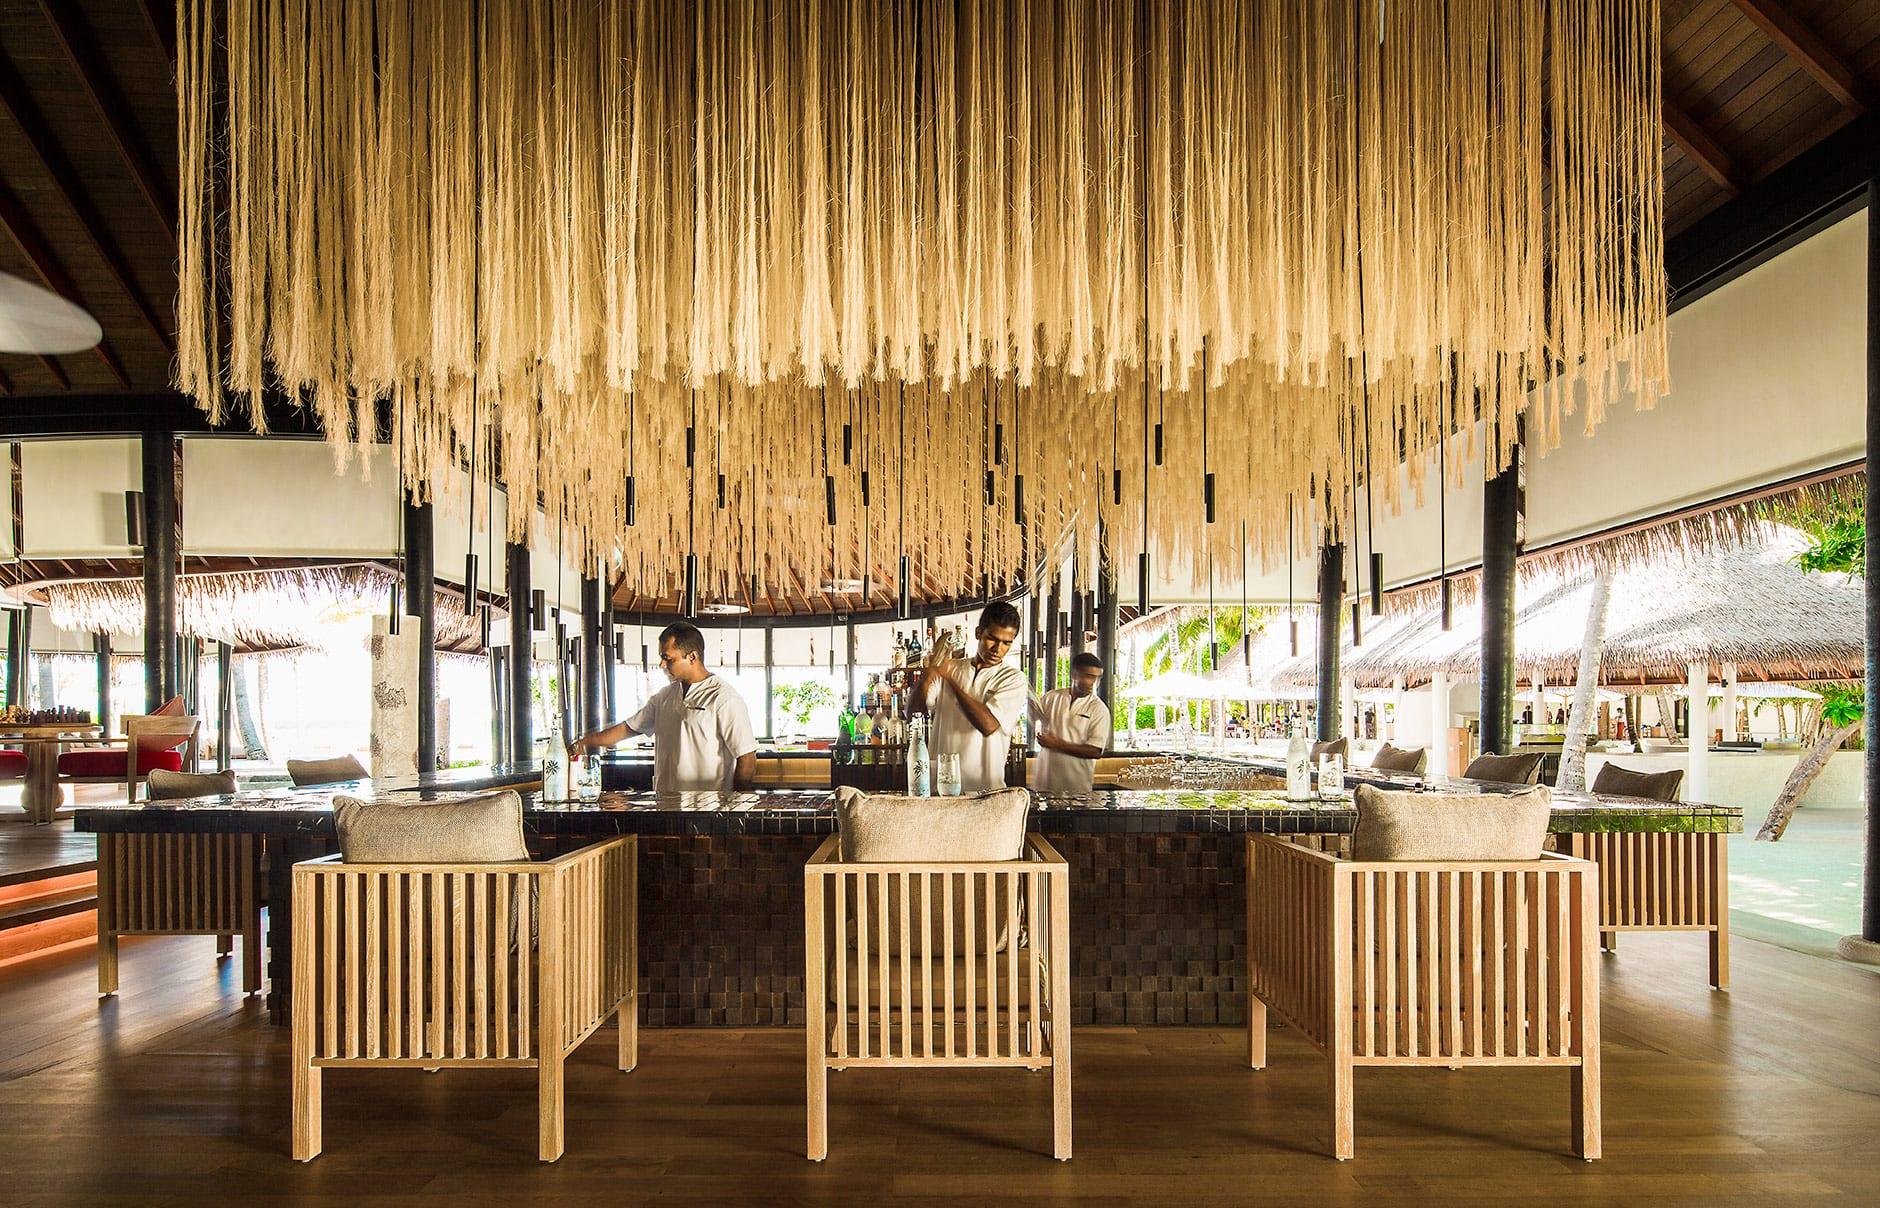 Thila Bar. Maalifushi by COMO, Maldives. © COMO Hotels & Resorts